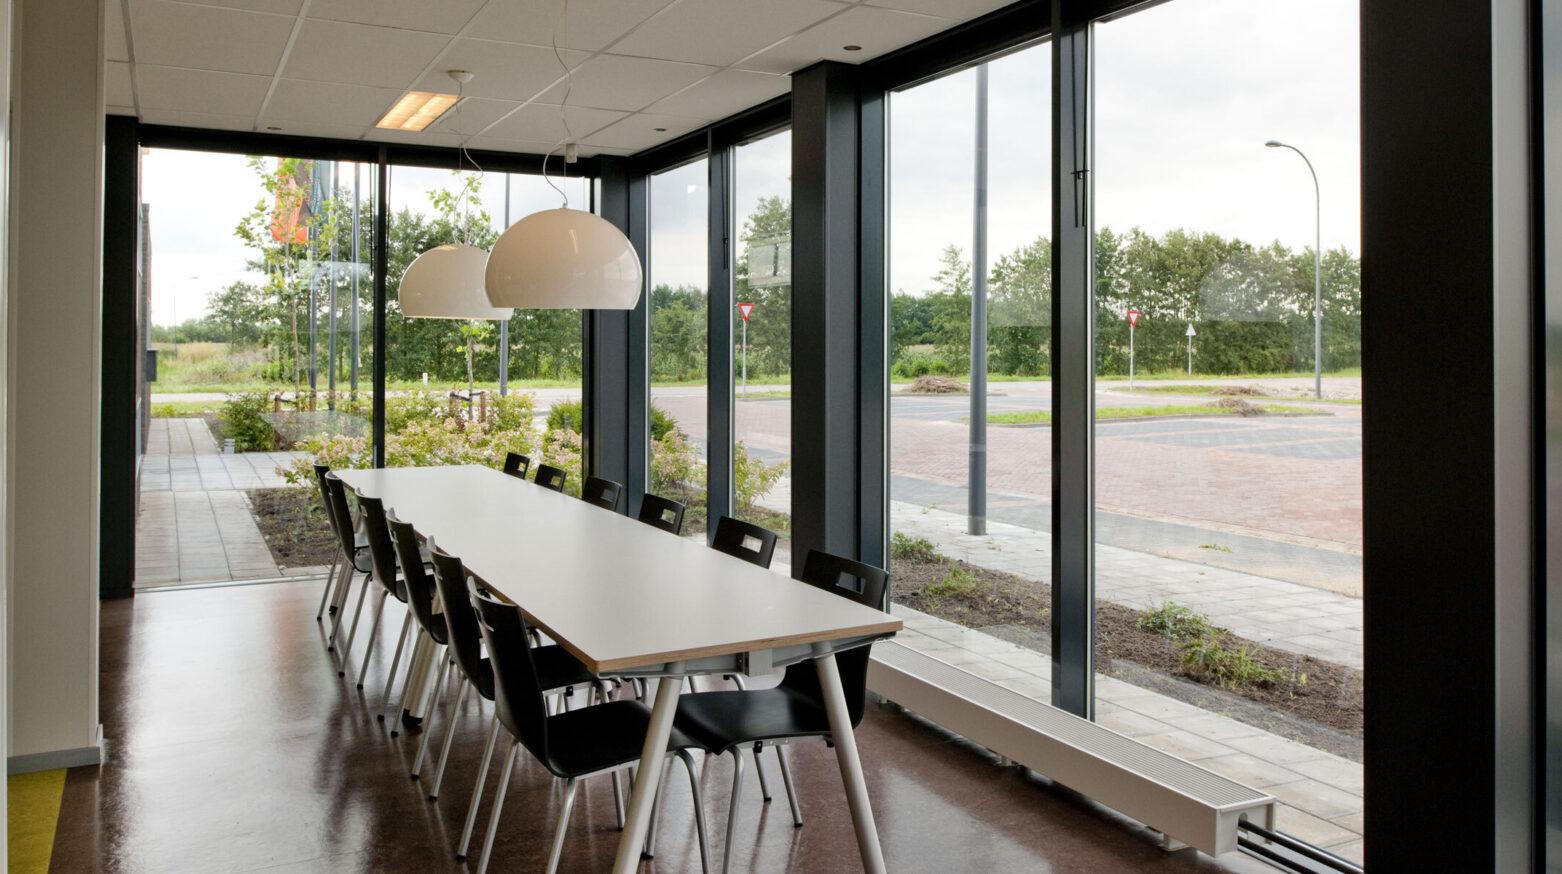 Willem van oranje college waalwijk 06